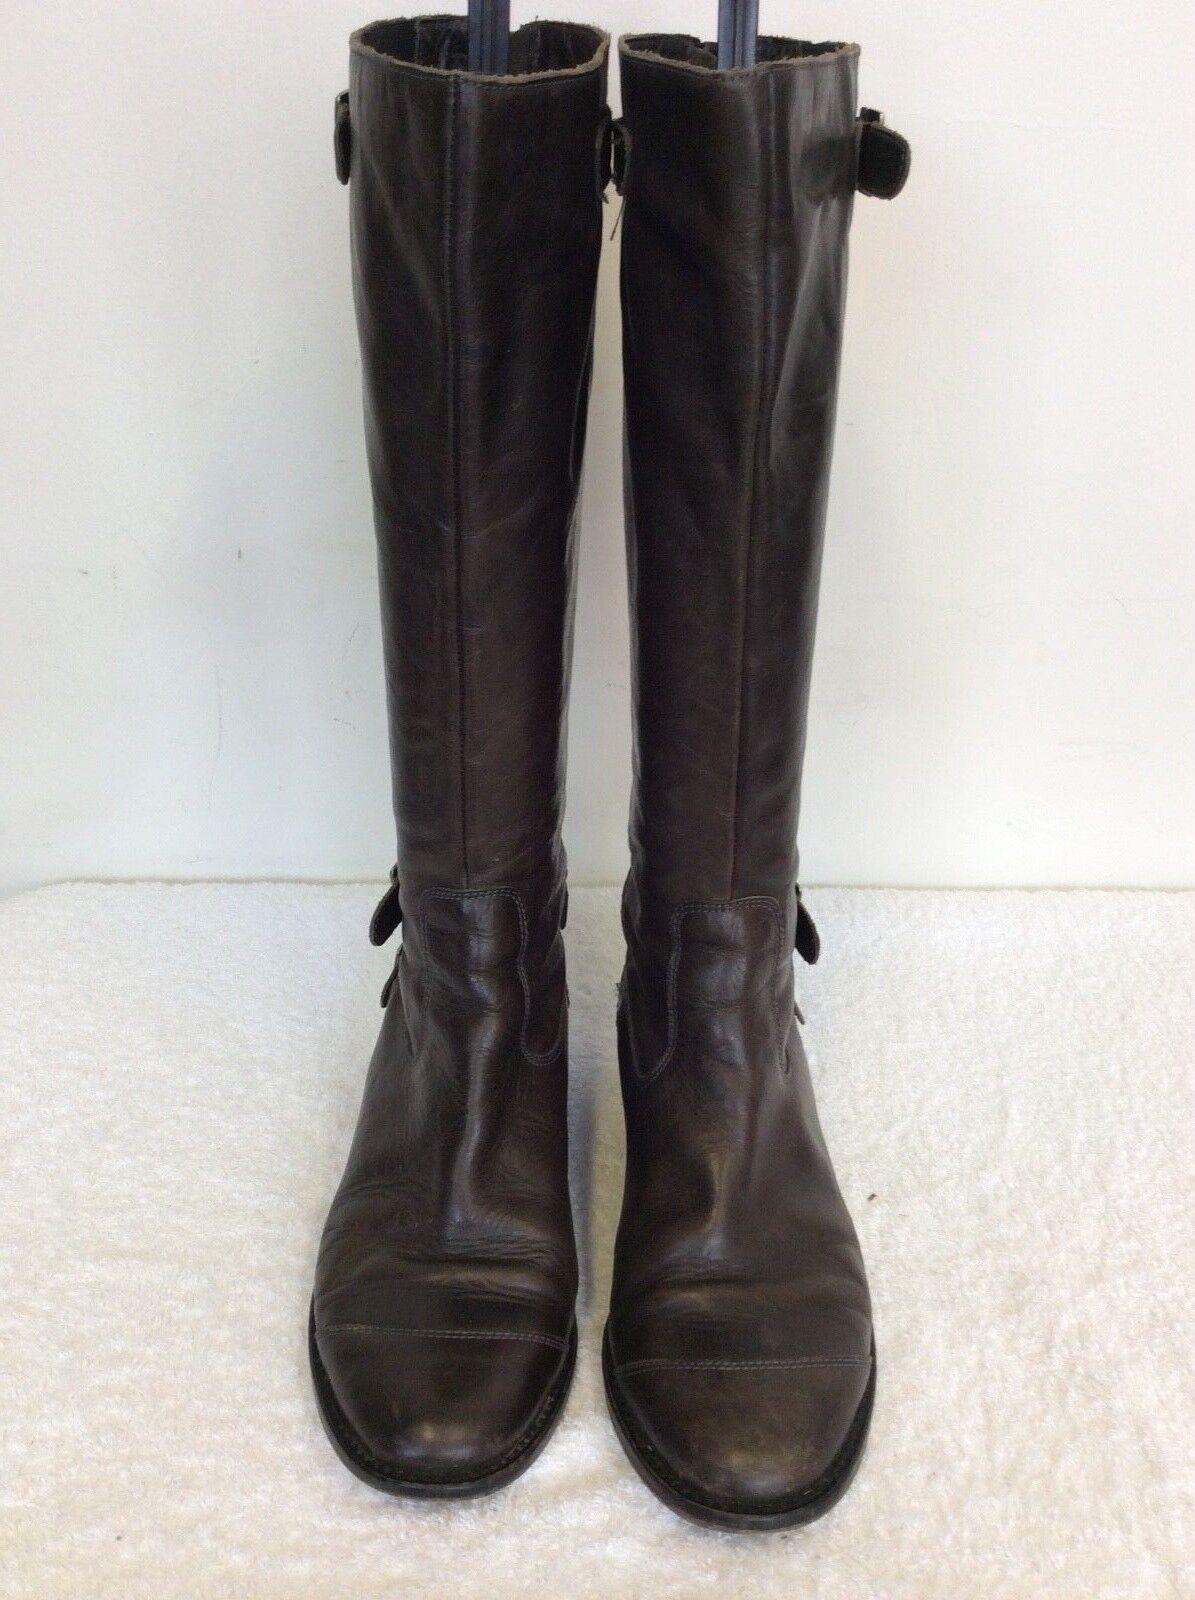 Hebilla de ajuste de cuero marrón oscuro Jigsaw largo hasta la rodilla botas /38